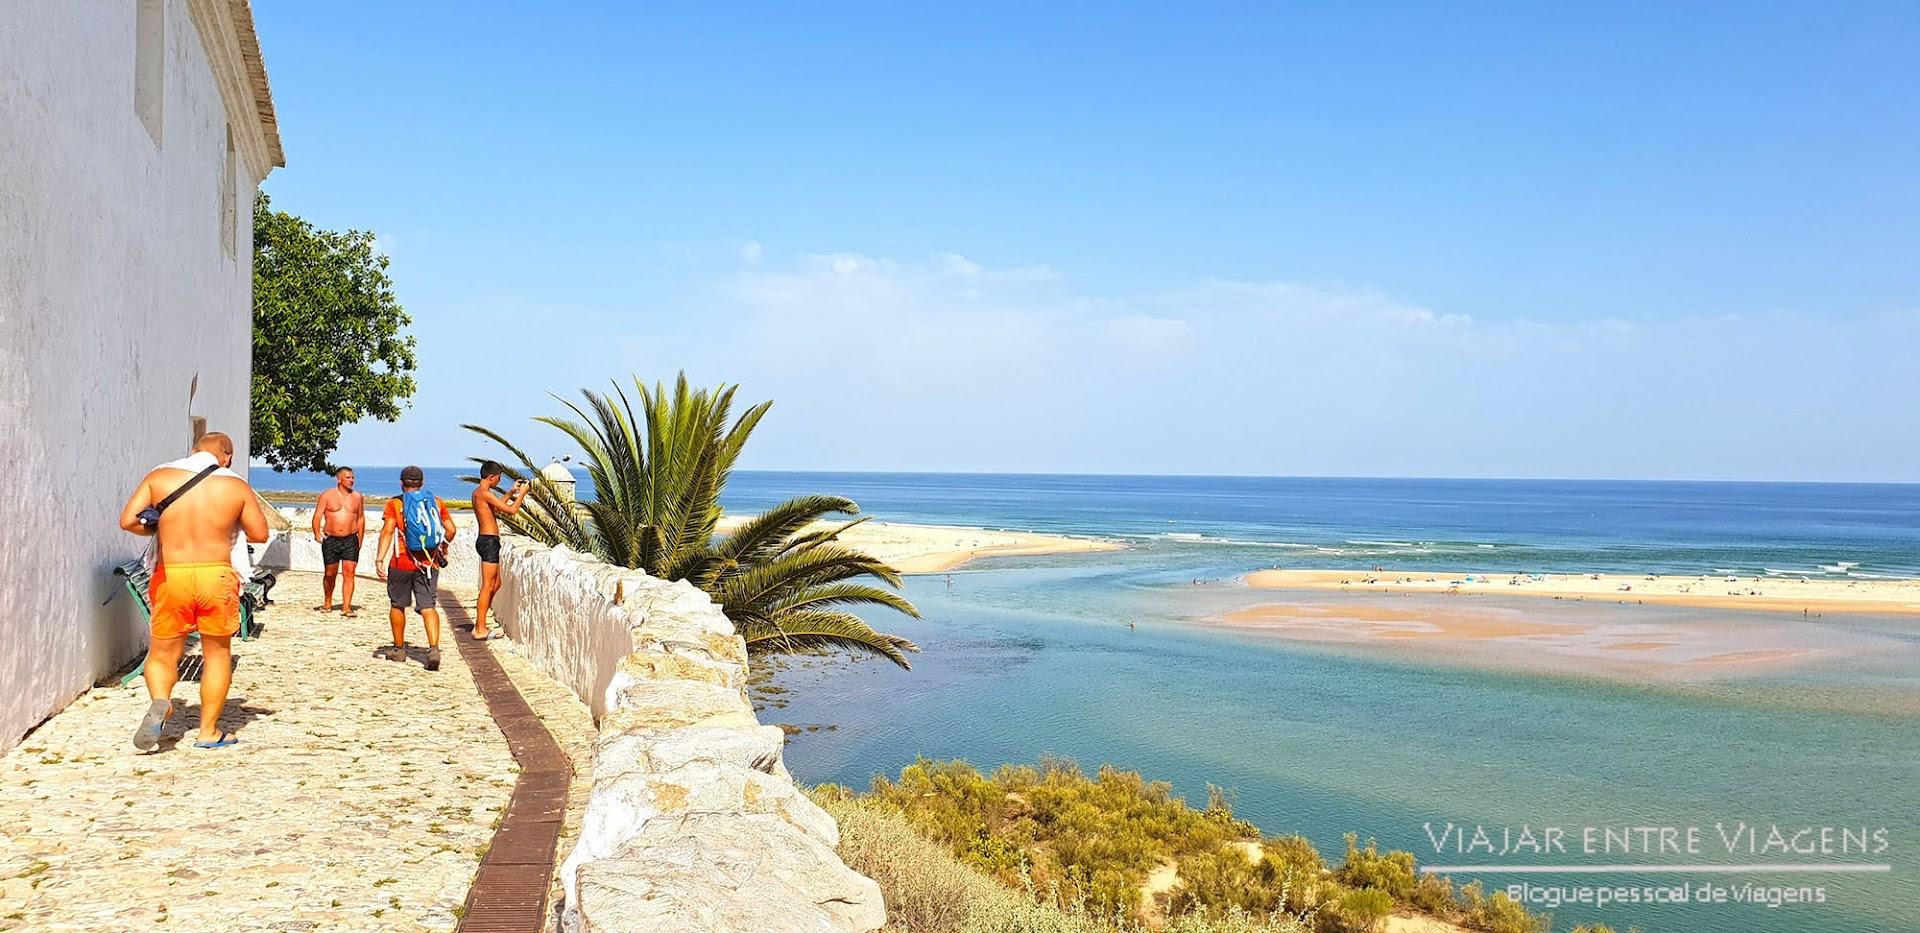 Visitar TAVIRA e CACELA VELHA | O que ver e fazer nas ilhas de Tavira, Cabanas de Tavira e Península de Cacela no Algarve